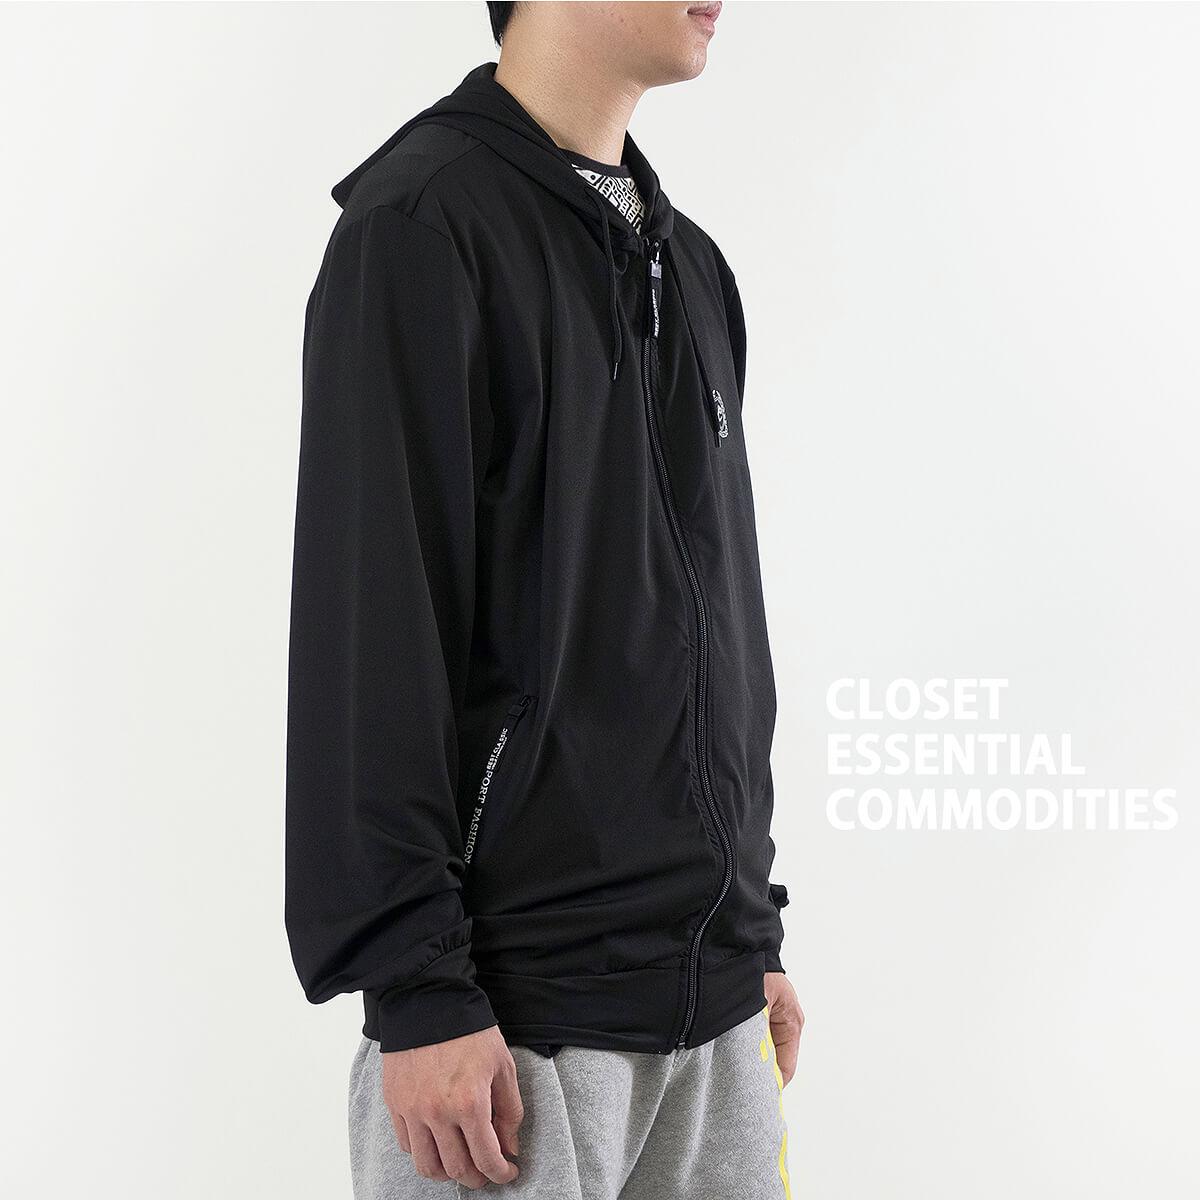 加大尺碼防曬外套 防風遮陽薄外套 柔軟輕薄休閒外套 連帽外套 運動外套 黑色外套 Sun Protection Jackets Mens Jackets Casual Jackets (321-0516_0517-21)黑色、(321-0516_0517-22)紋理灰 3L 4L 5L 6L (胸圍122~140公分  48~55英吋) 男 [實體店面保障] sun-e 6